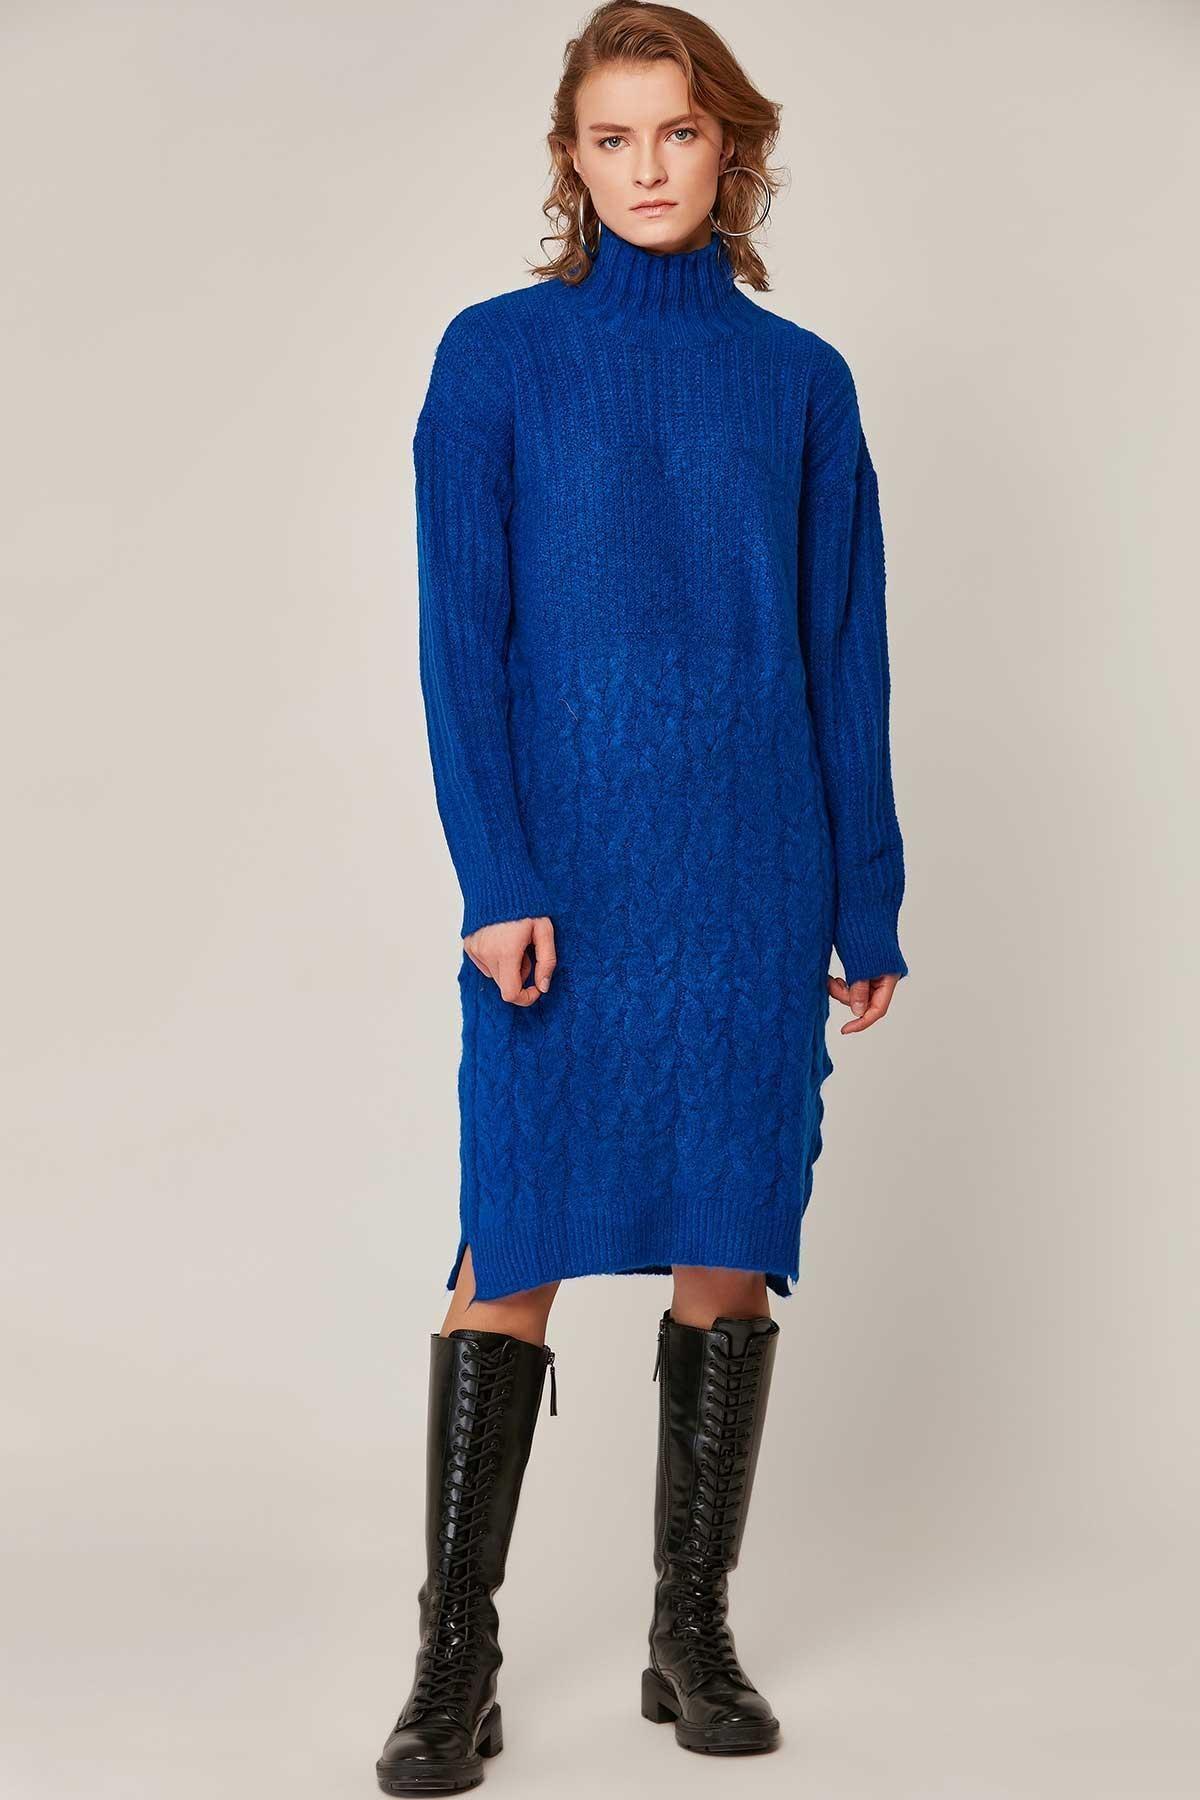 Pattaya Kadın Yırtmaçlı Boğazlı Salaş Triko Elbise 80195 1